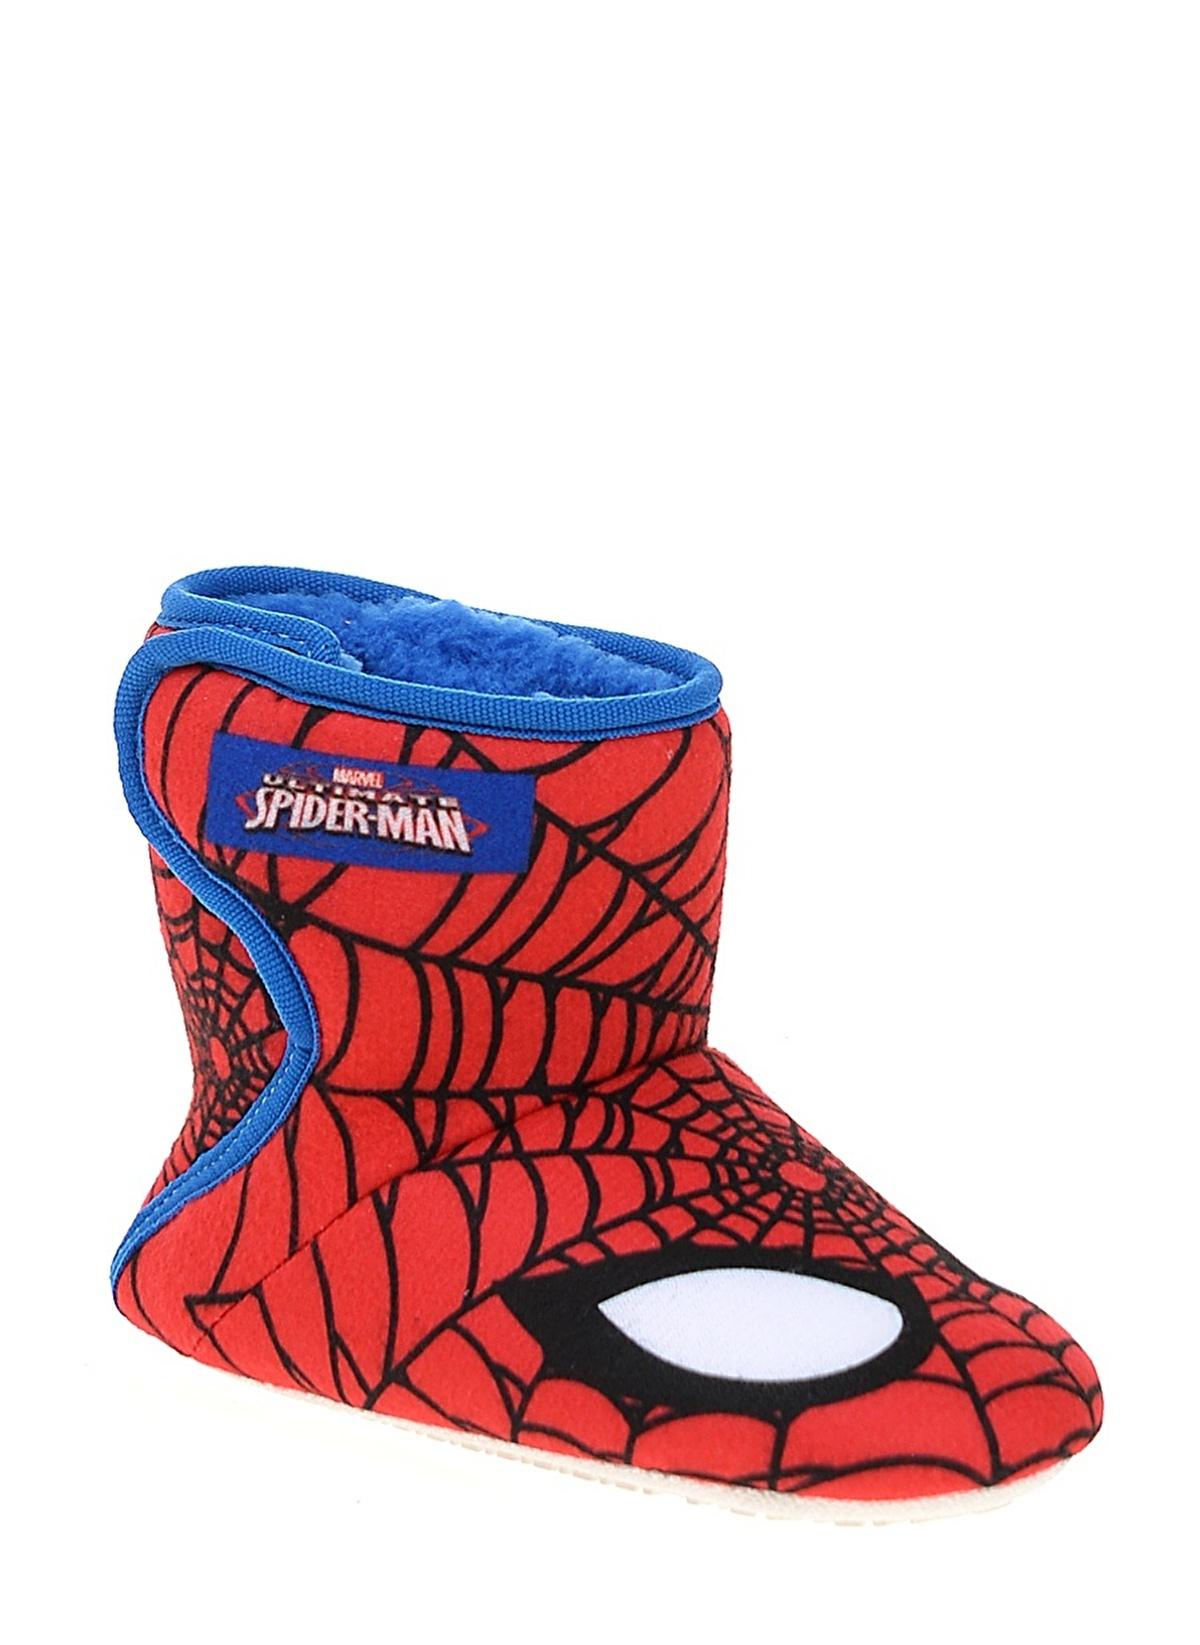 Spider Man Kız çocuk Panduf Kirmizi Morhipo 17571419